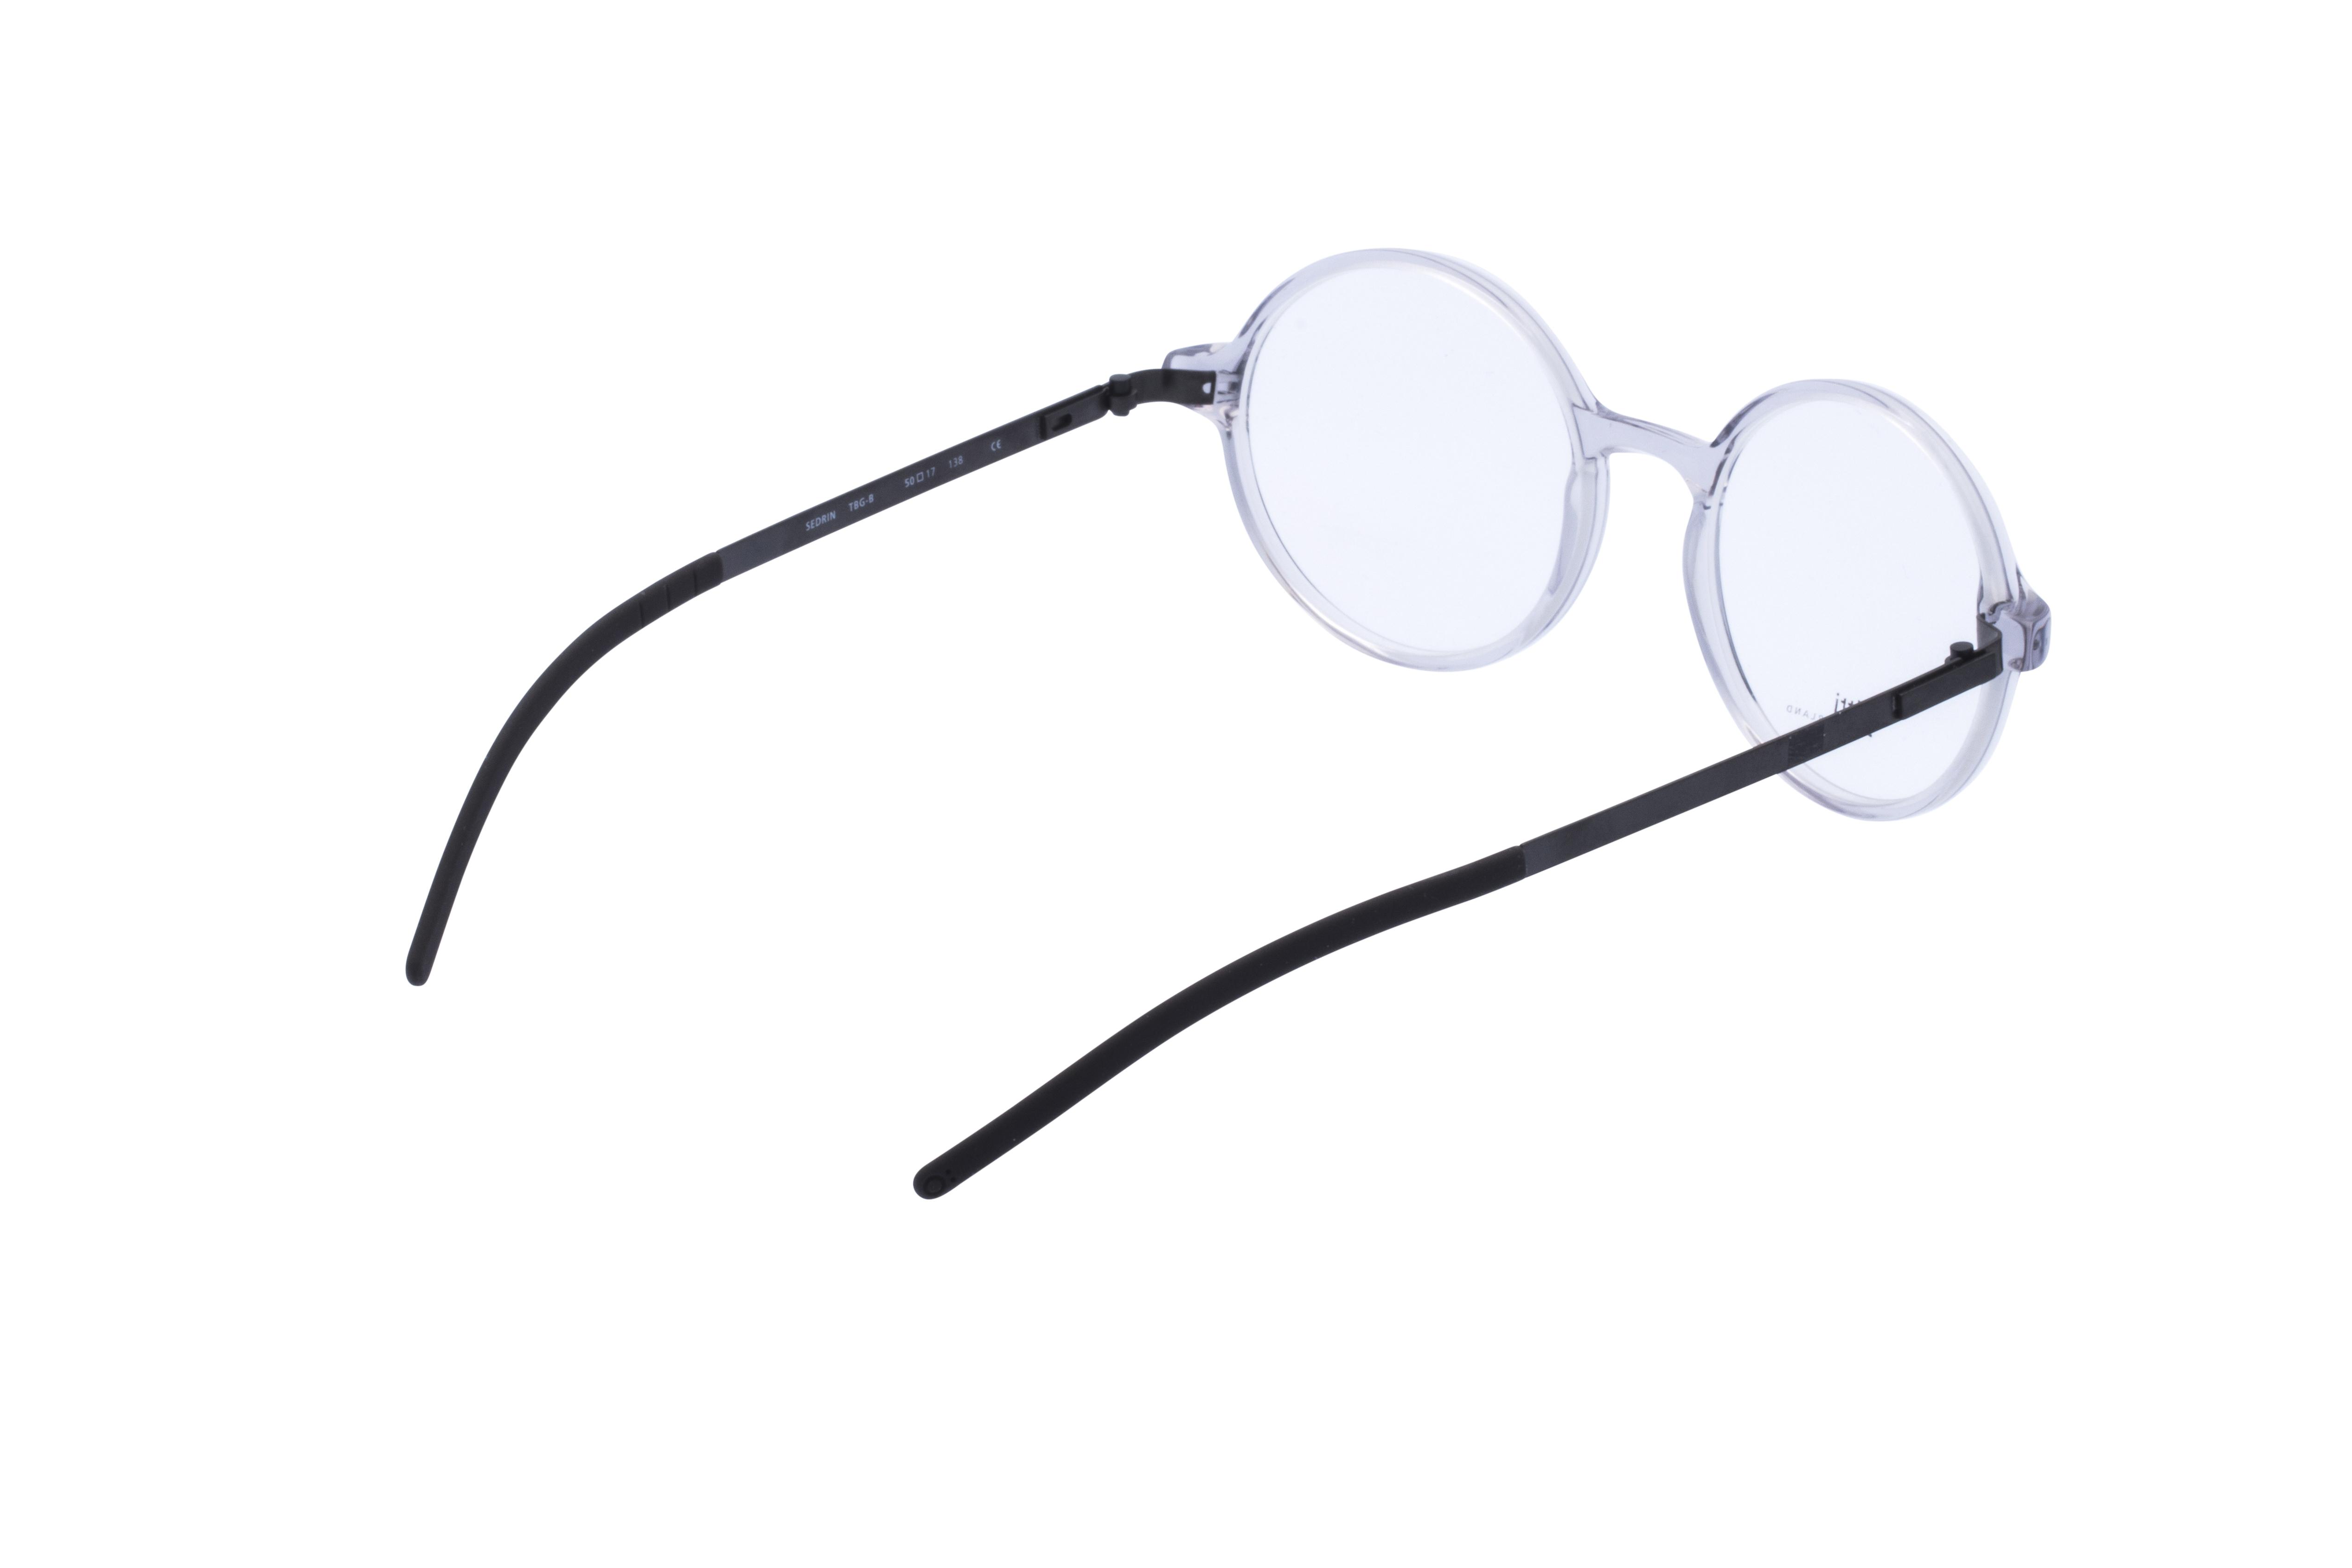 360 Grad Ansicht 9 Götti Sedrin, Brille auf Weiß - Fassung bei KUNK